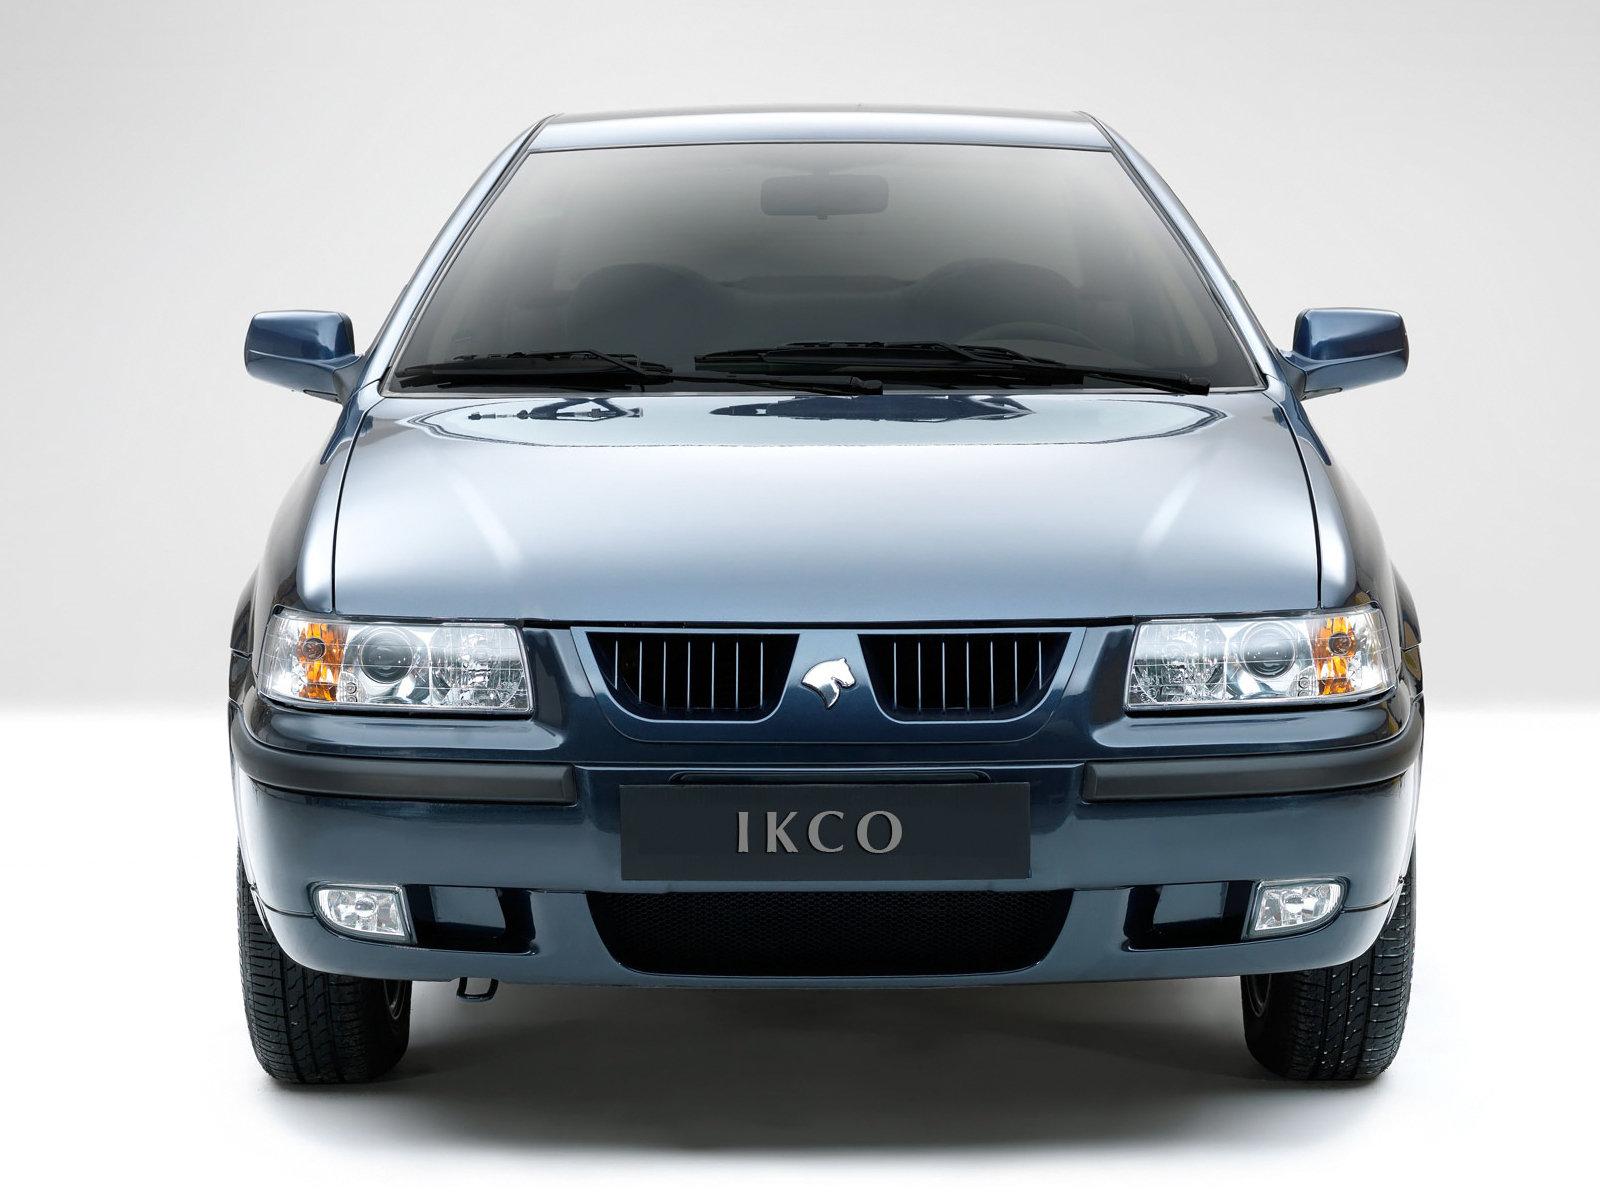 Ikco samand forum ikco samand soren ikco samand hakkında ikco samand nasıl bir araba ikco samand yorumları